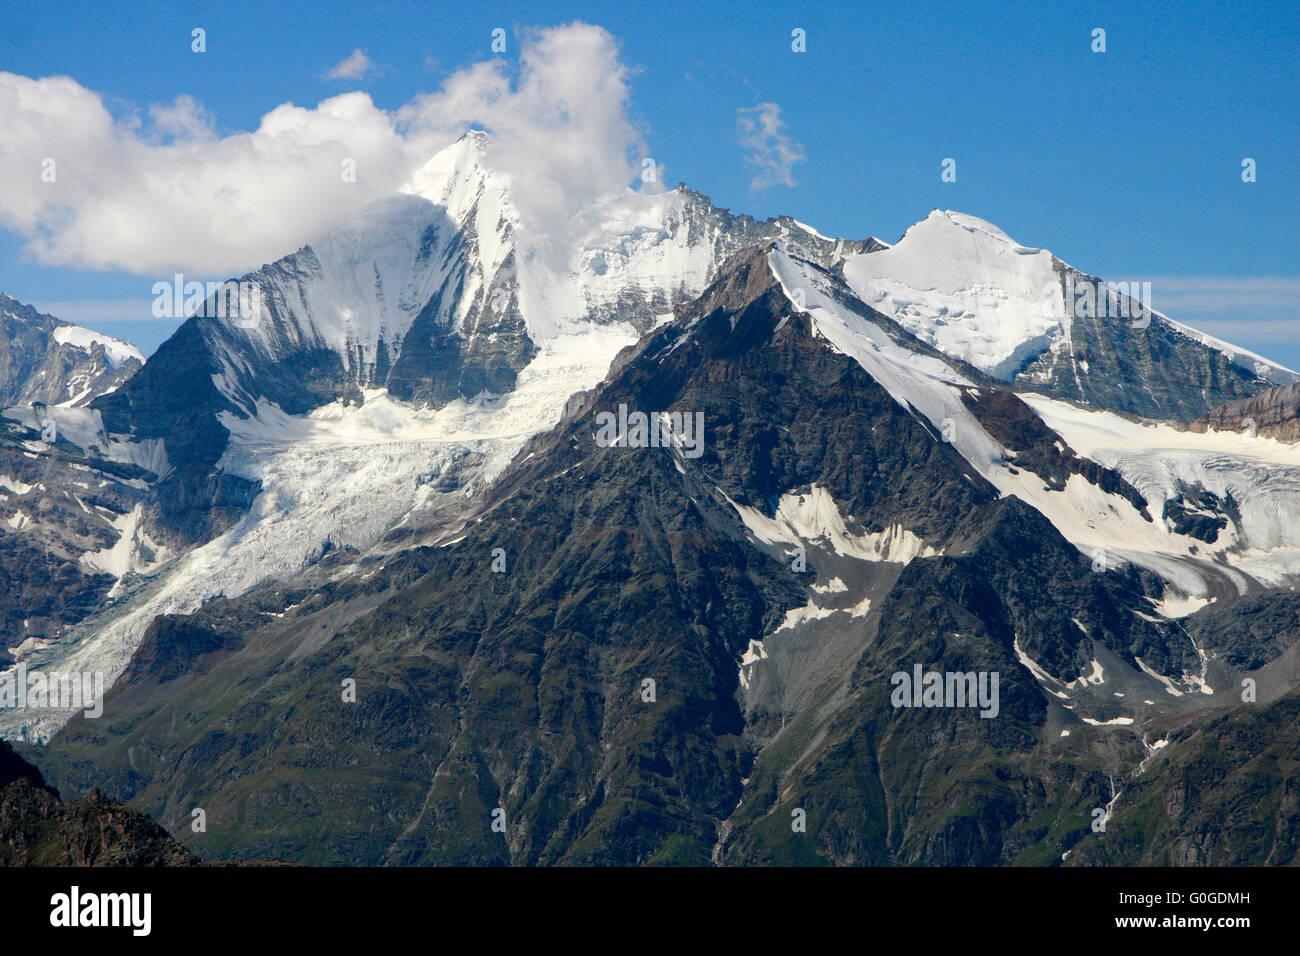 Weisshorn, Bishorn, vom Seetalhorn aus gesehen, Schweiz. - Stock Image